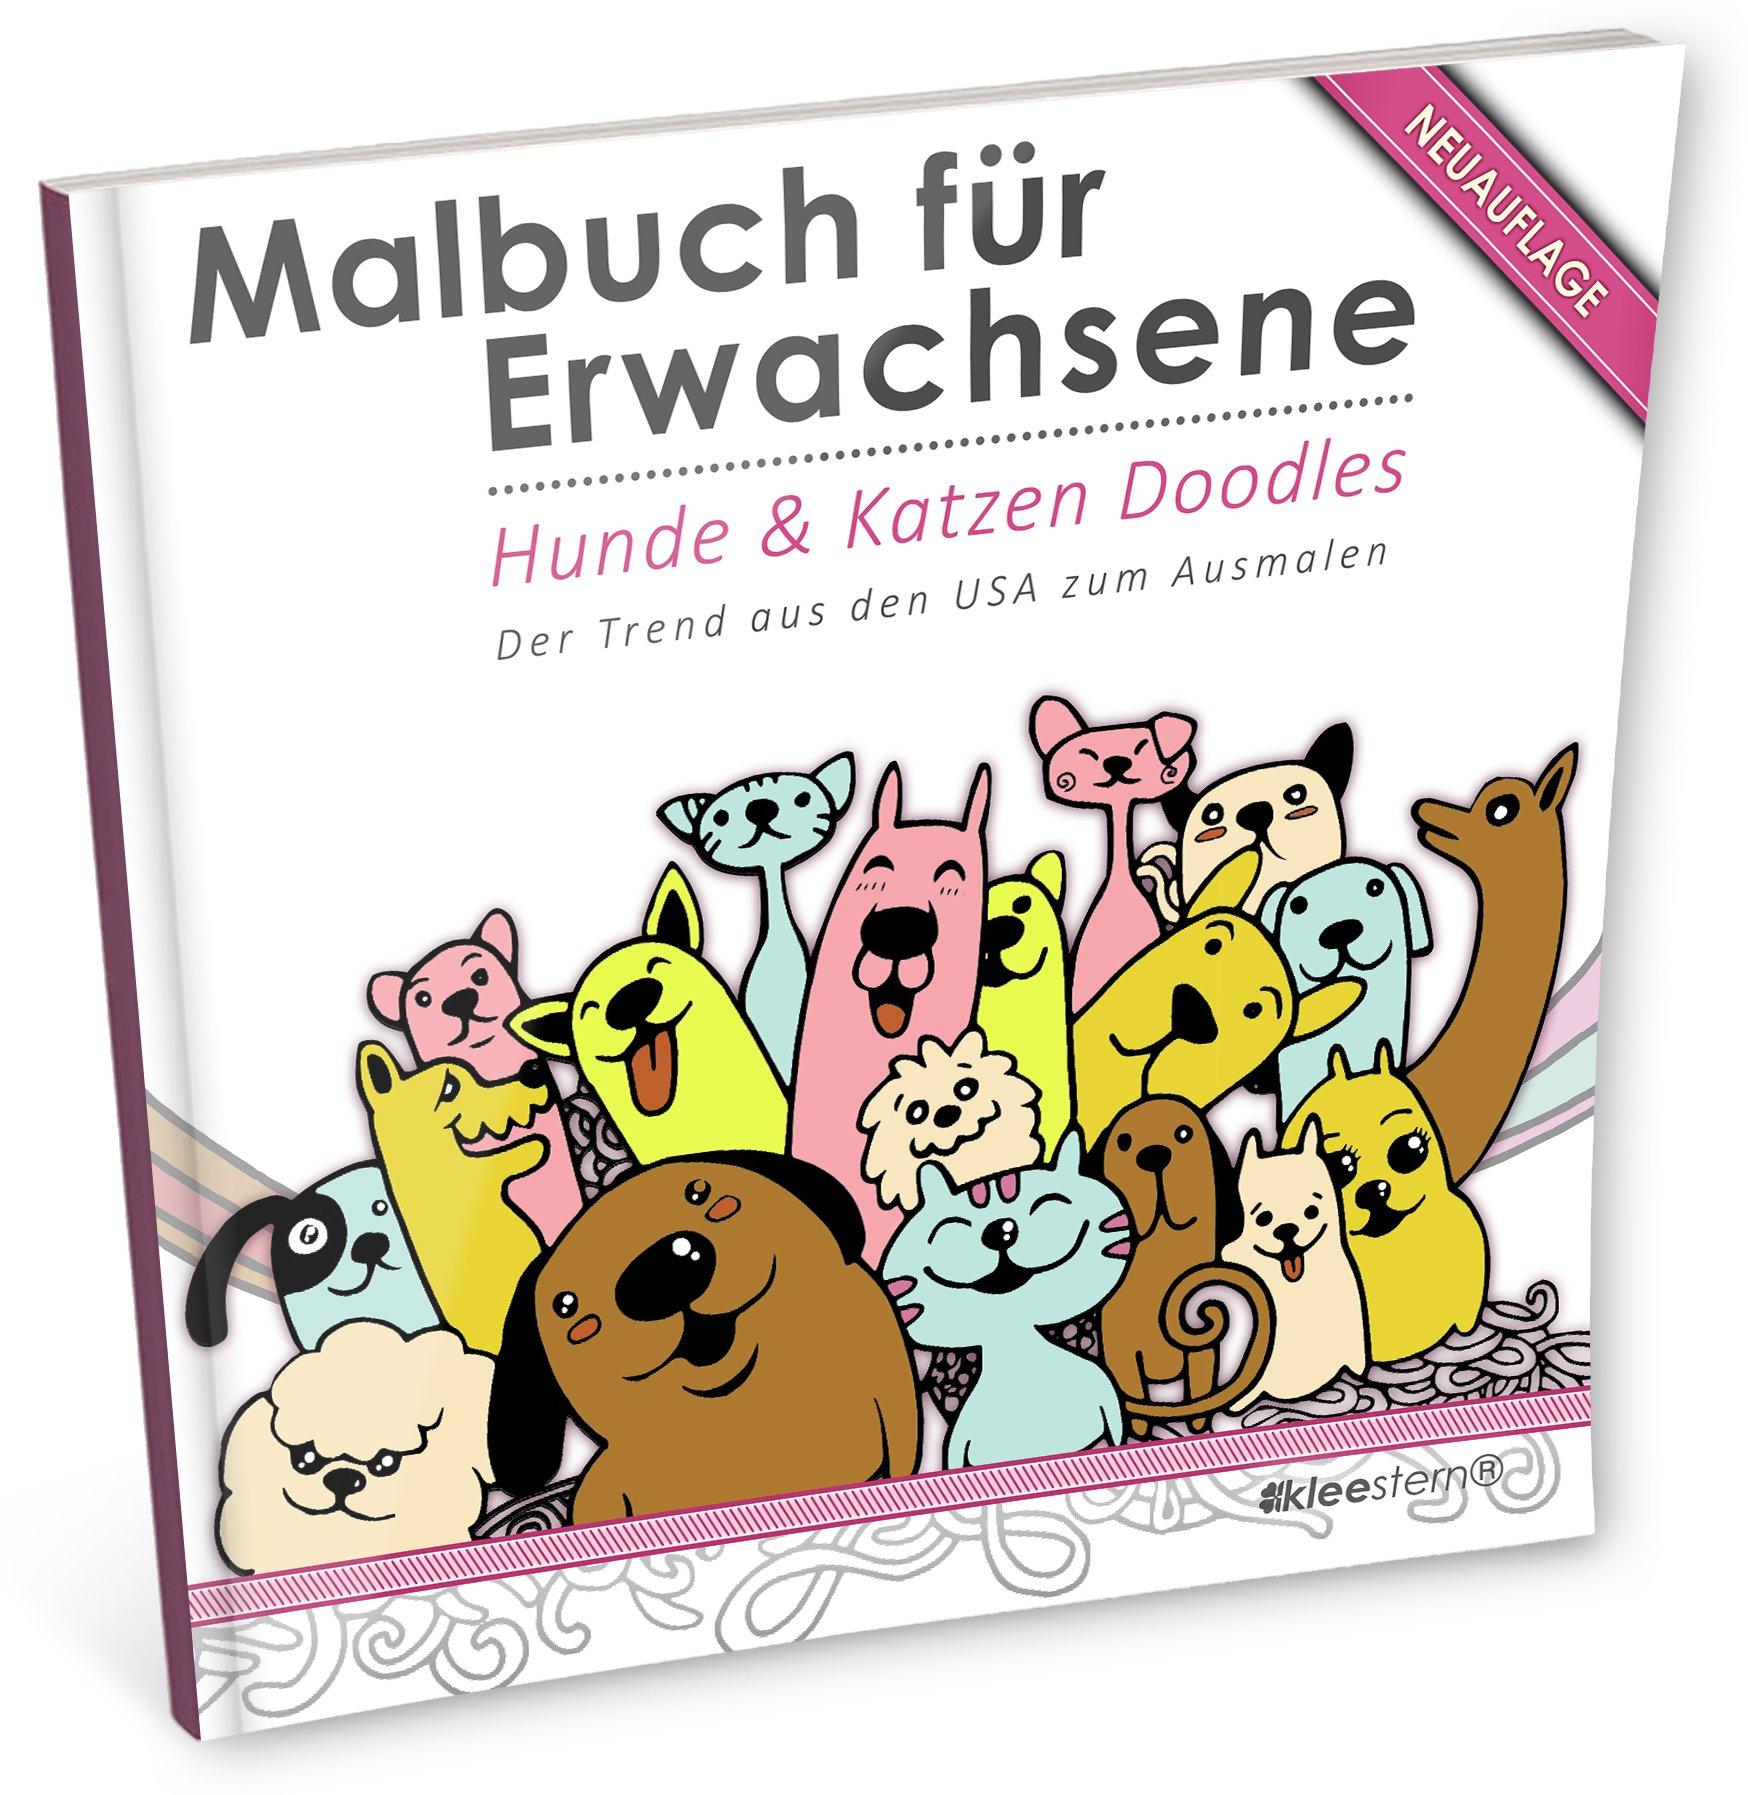 Malbuch für Erwachsene: Hunde & Katzen Doodles (Der Trend aus den USA)